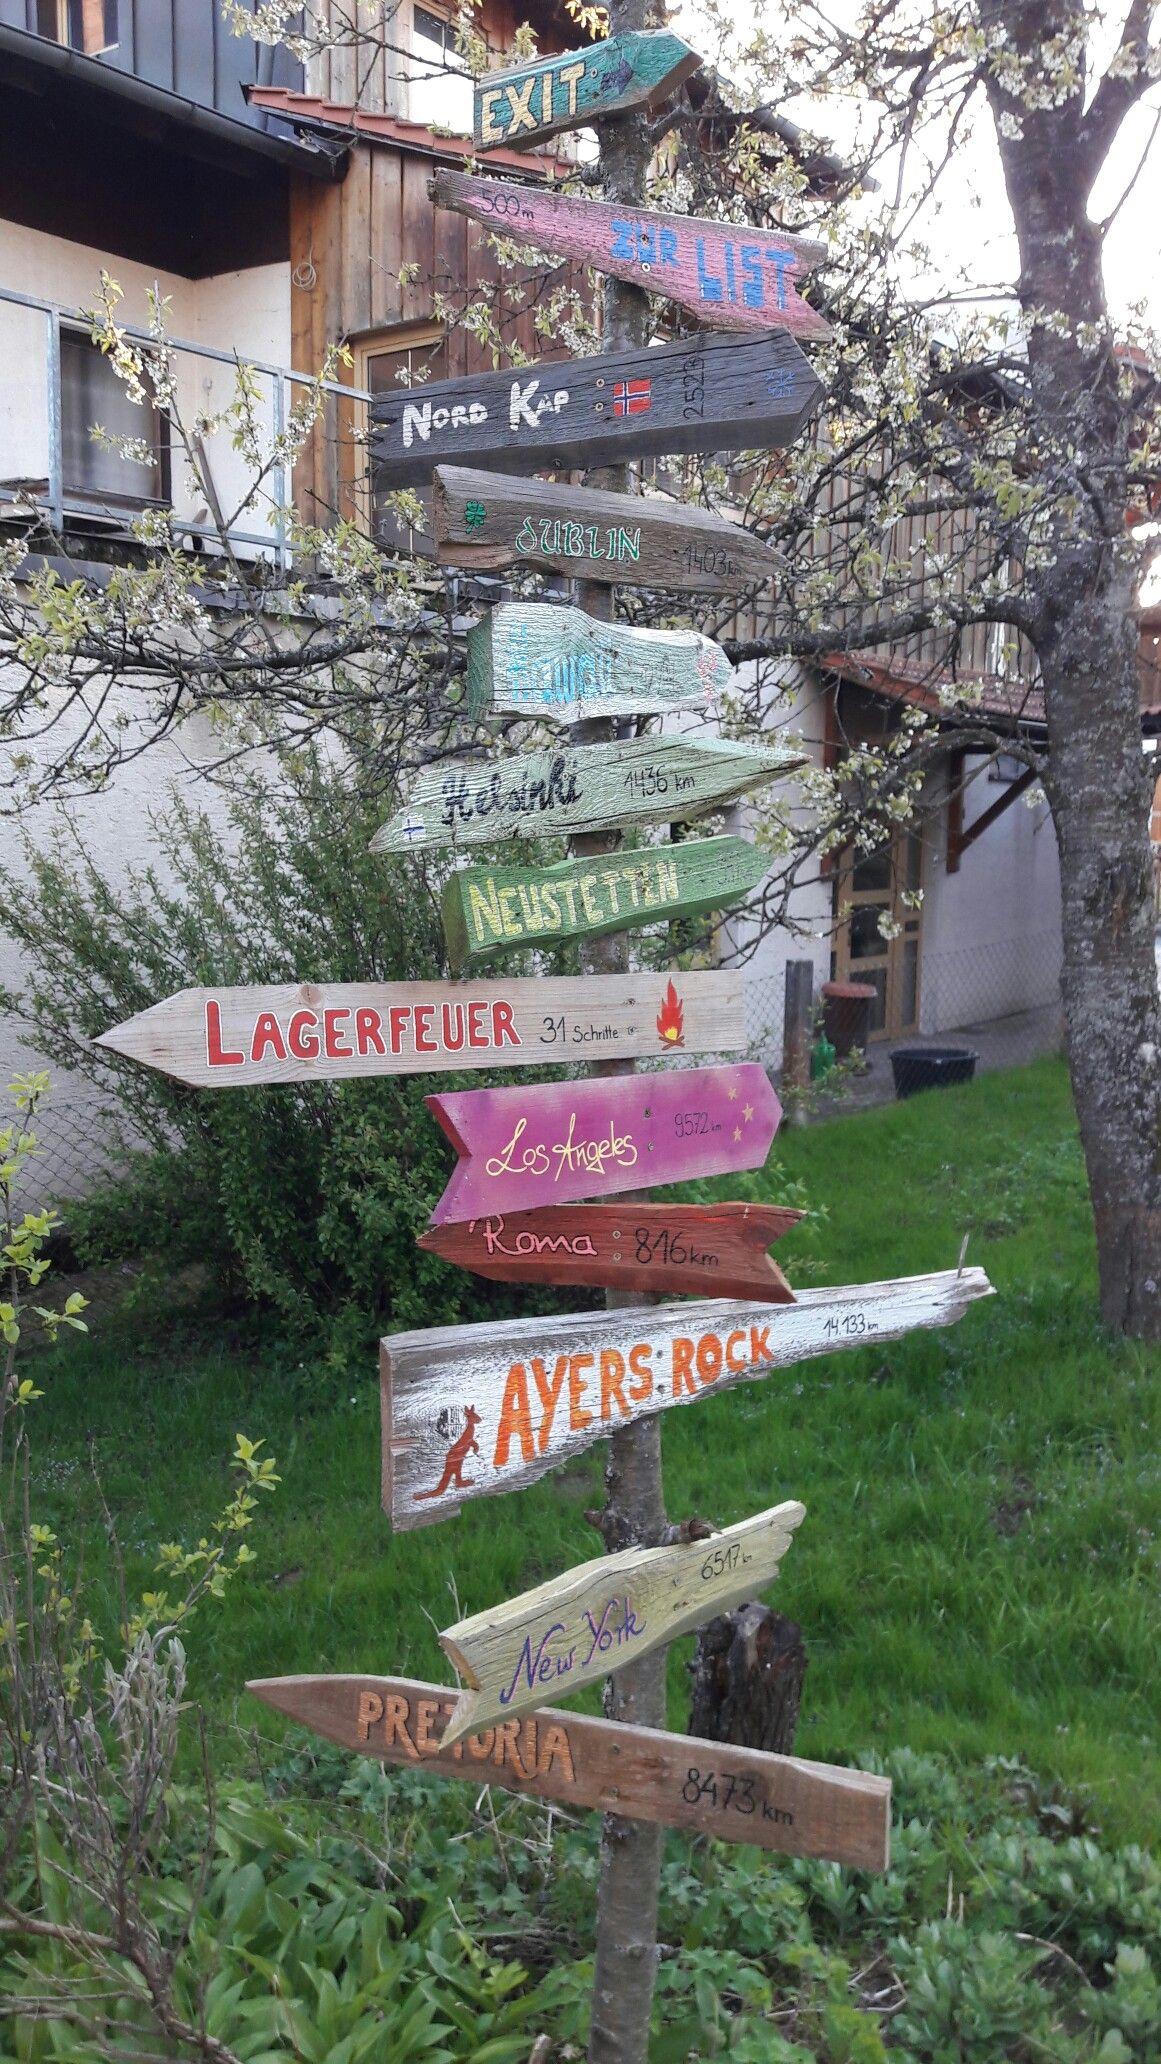 Wegweiser ❤ tolle Gartendeko und ja Ayers Rock zeigt in die falsche Richtung, muss ich bei Gelegenheit noch korrigieren #vorgartenlandschaftsbau